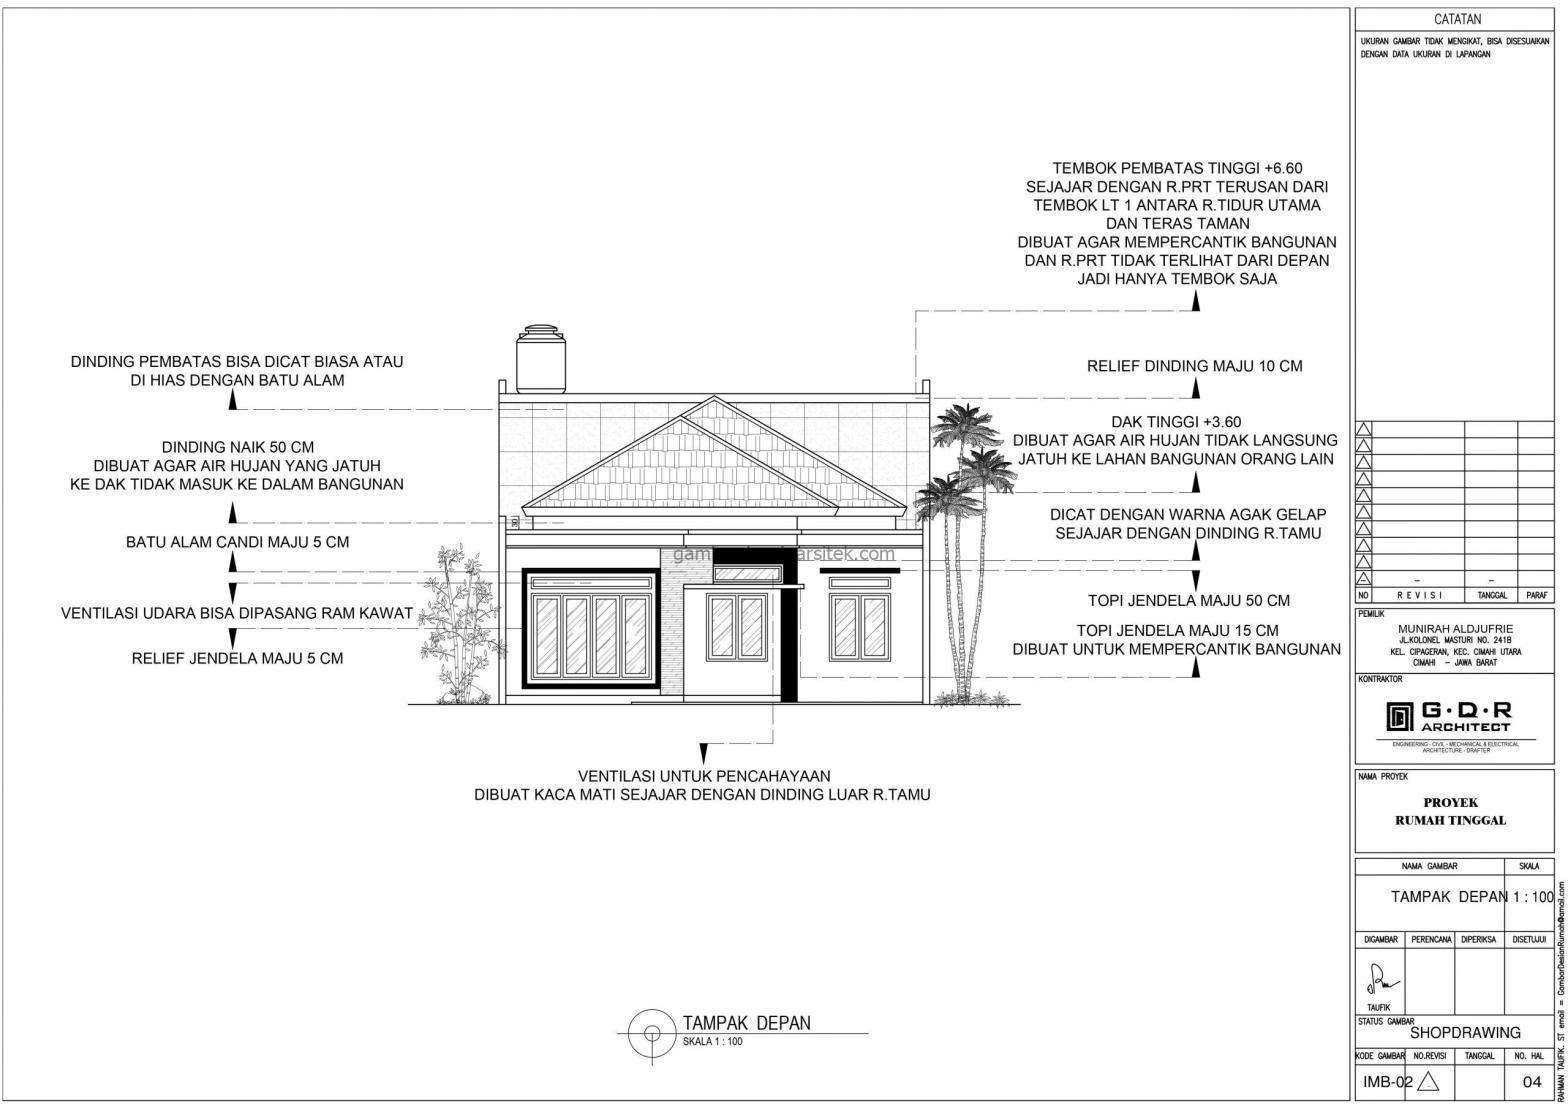 Tampak Depan Gambar Desain Rumah 1 Lantai Hemat Energi